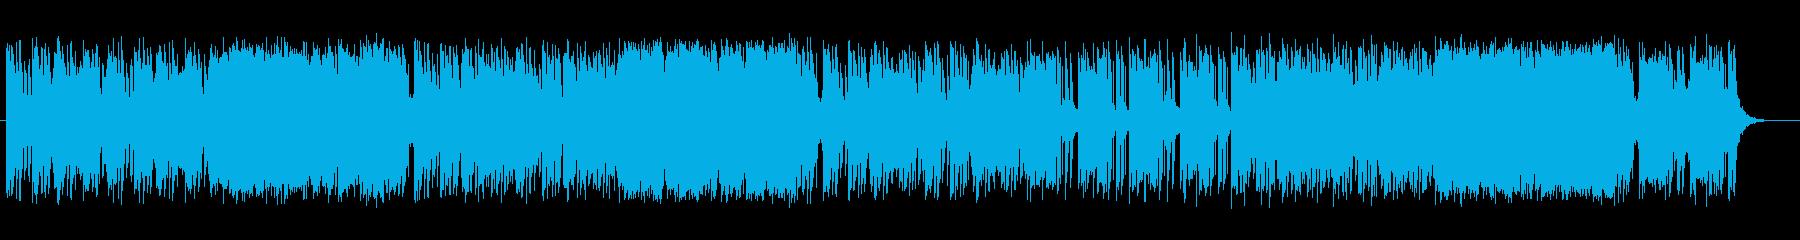 明るい疾走感あるポップな曲の再生済みの波形